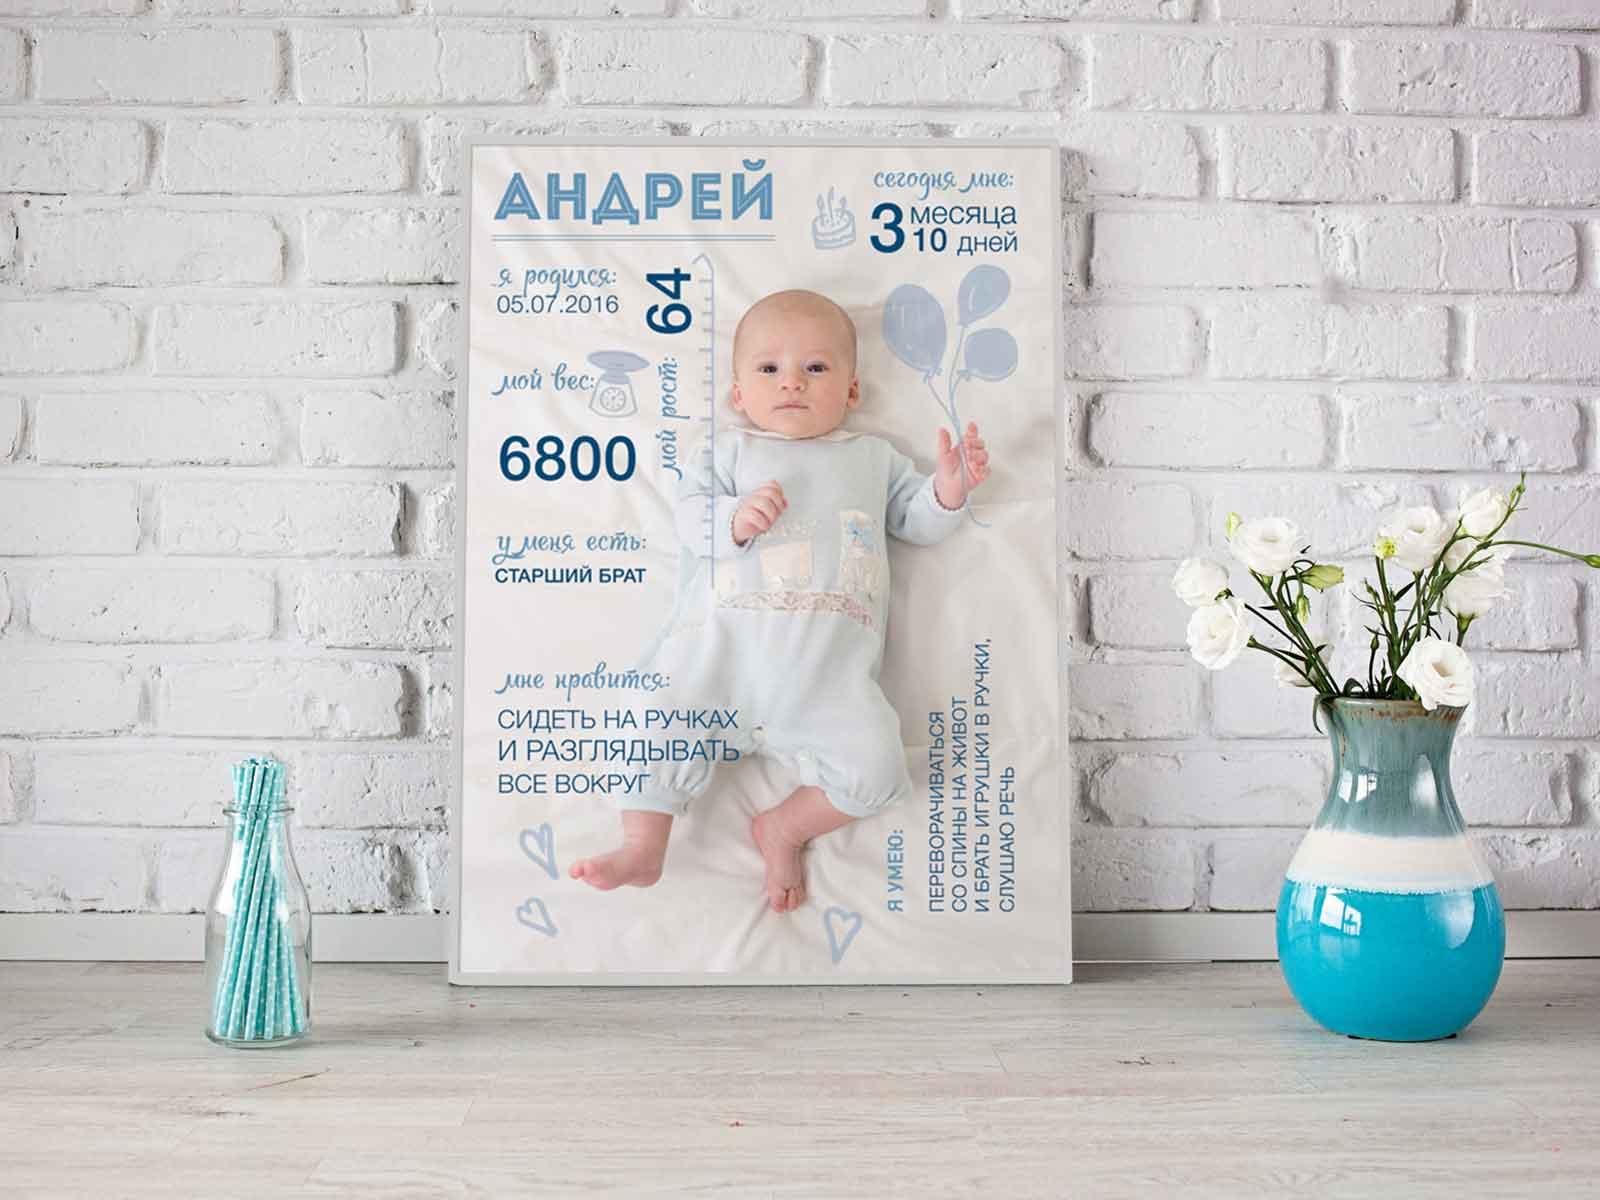 Идеи для малого и среднего бизнеса в сфере дизайна от Ольги Софроновой